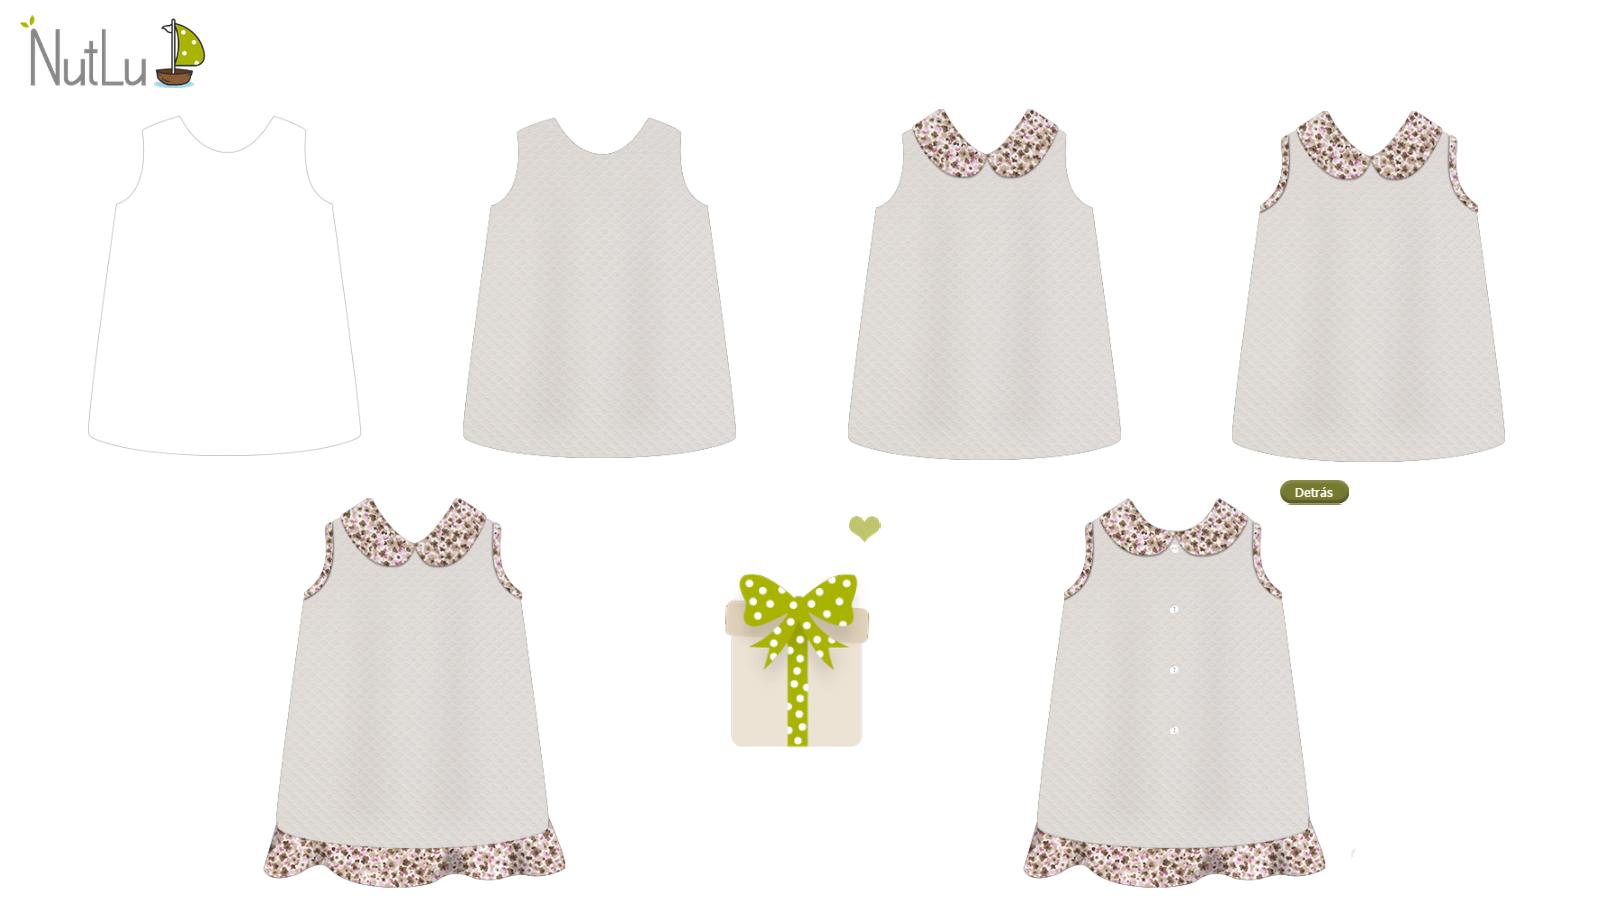 Mira como se va haciendo paso por paso este precioso vestido primaveral :) > http://nutlu.com/vestido-pique-grande-y-viella-marron-rosa #ropabebe #regalooriginal #modainfantil #vestidonina